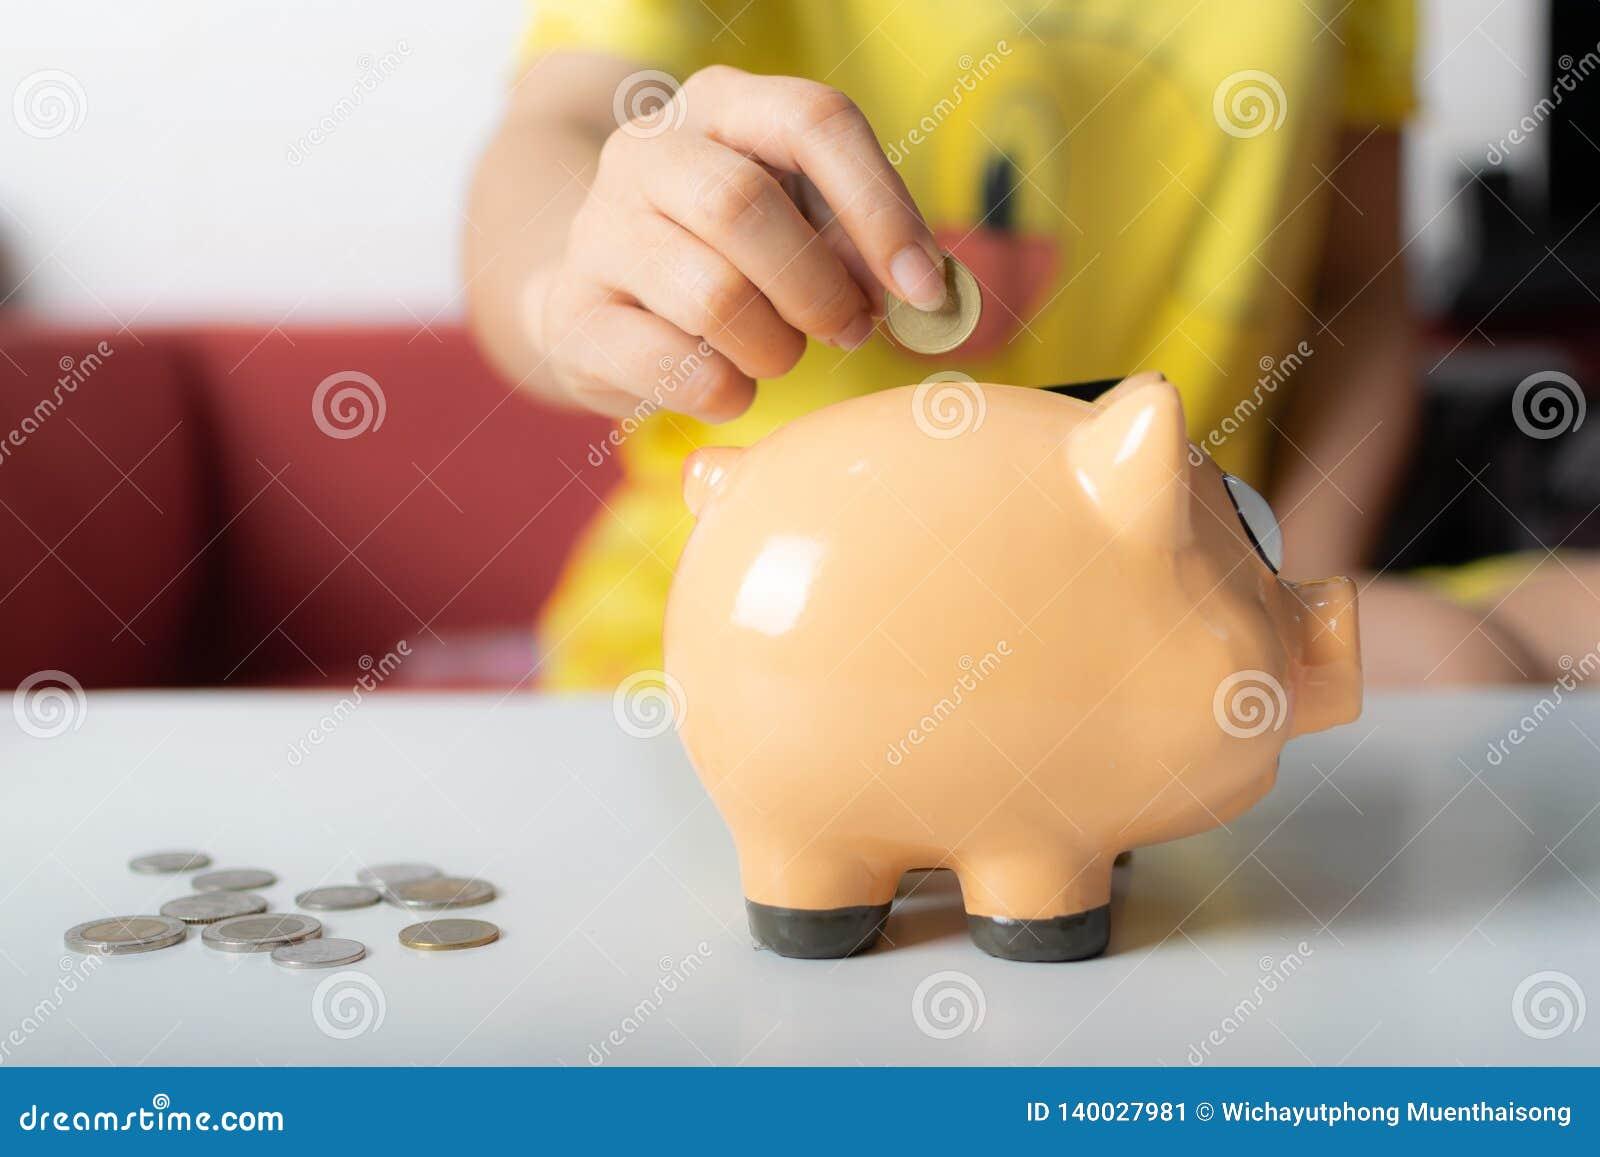 Близкая поднимающая вверх рука женщины кладя монетки в копилку